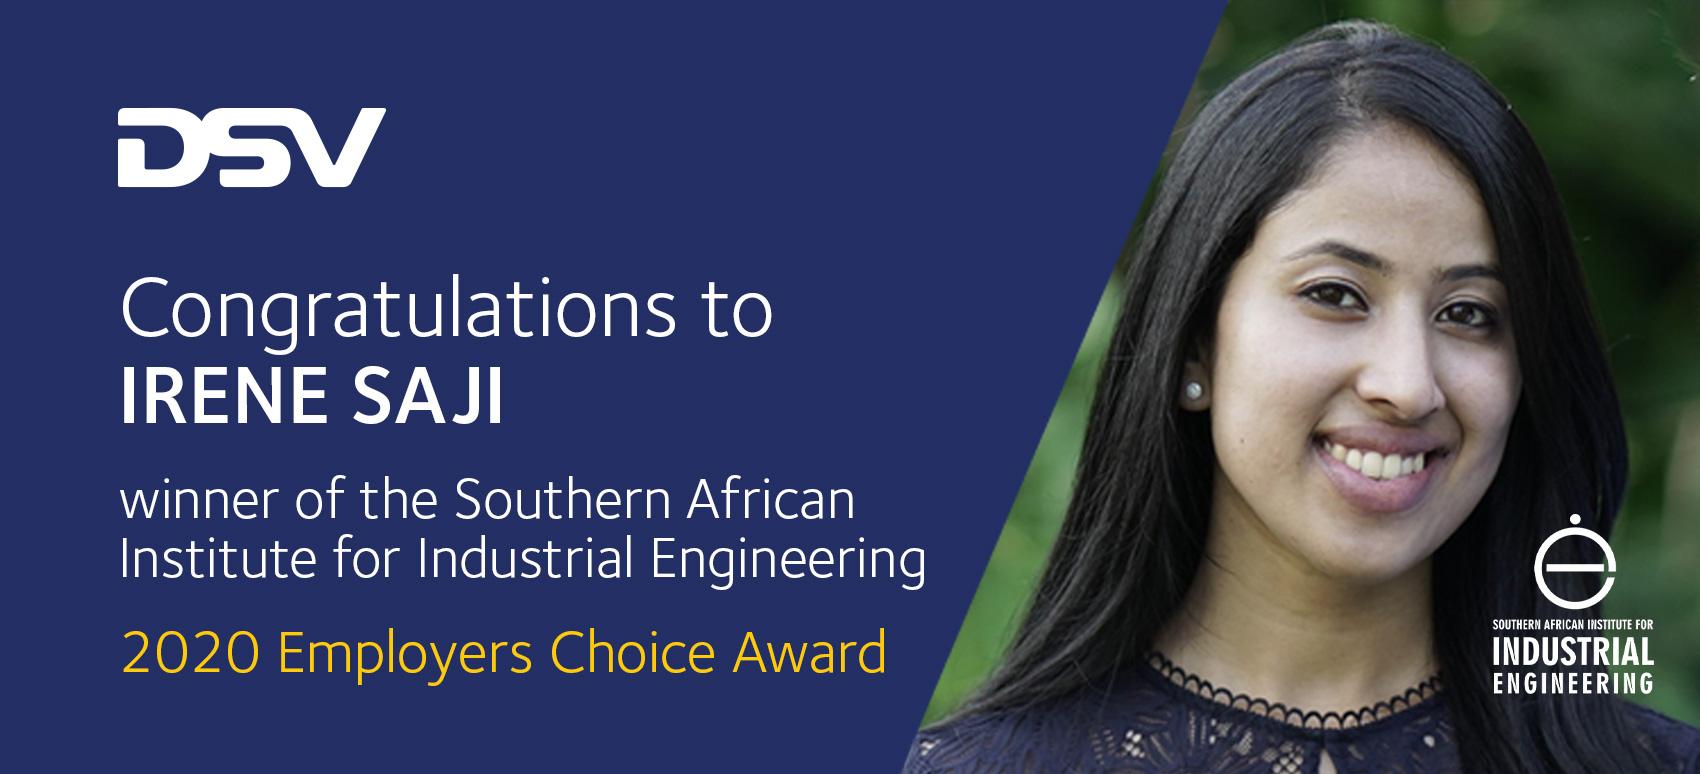 Industrial Engineer Award for Irene Saji